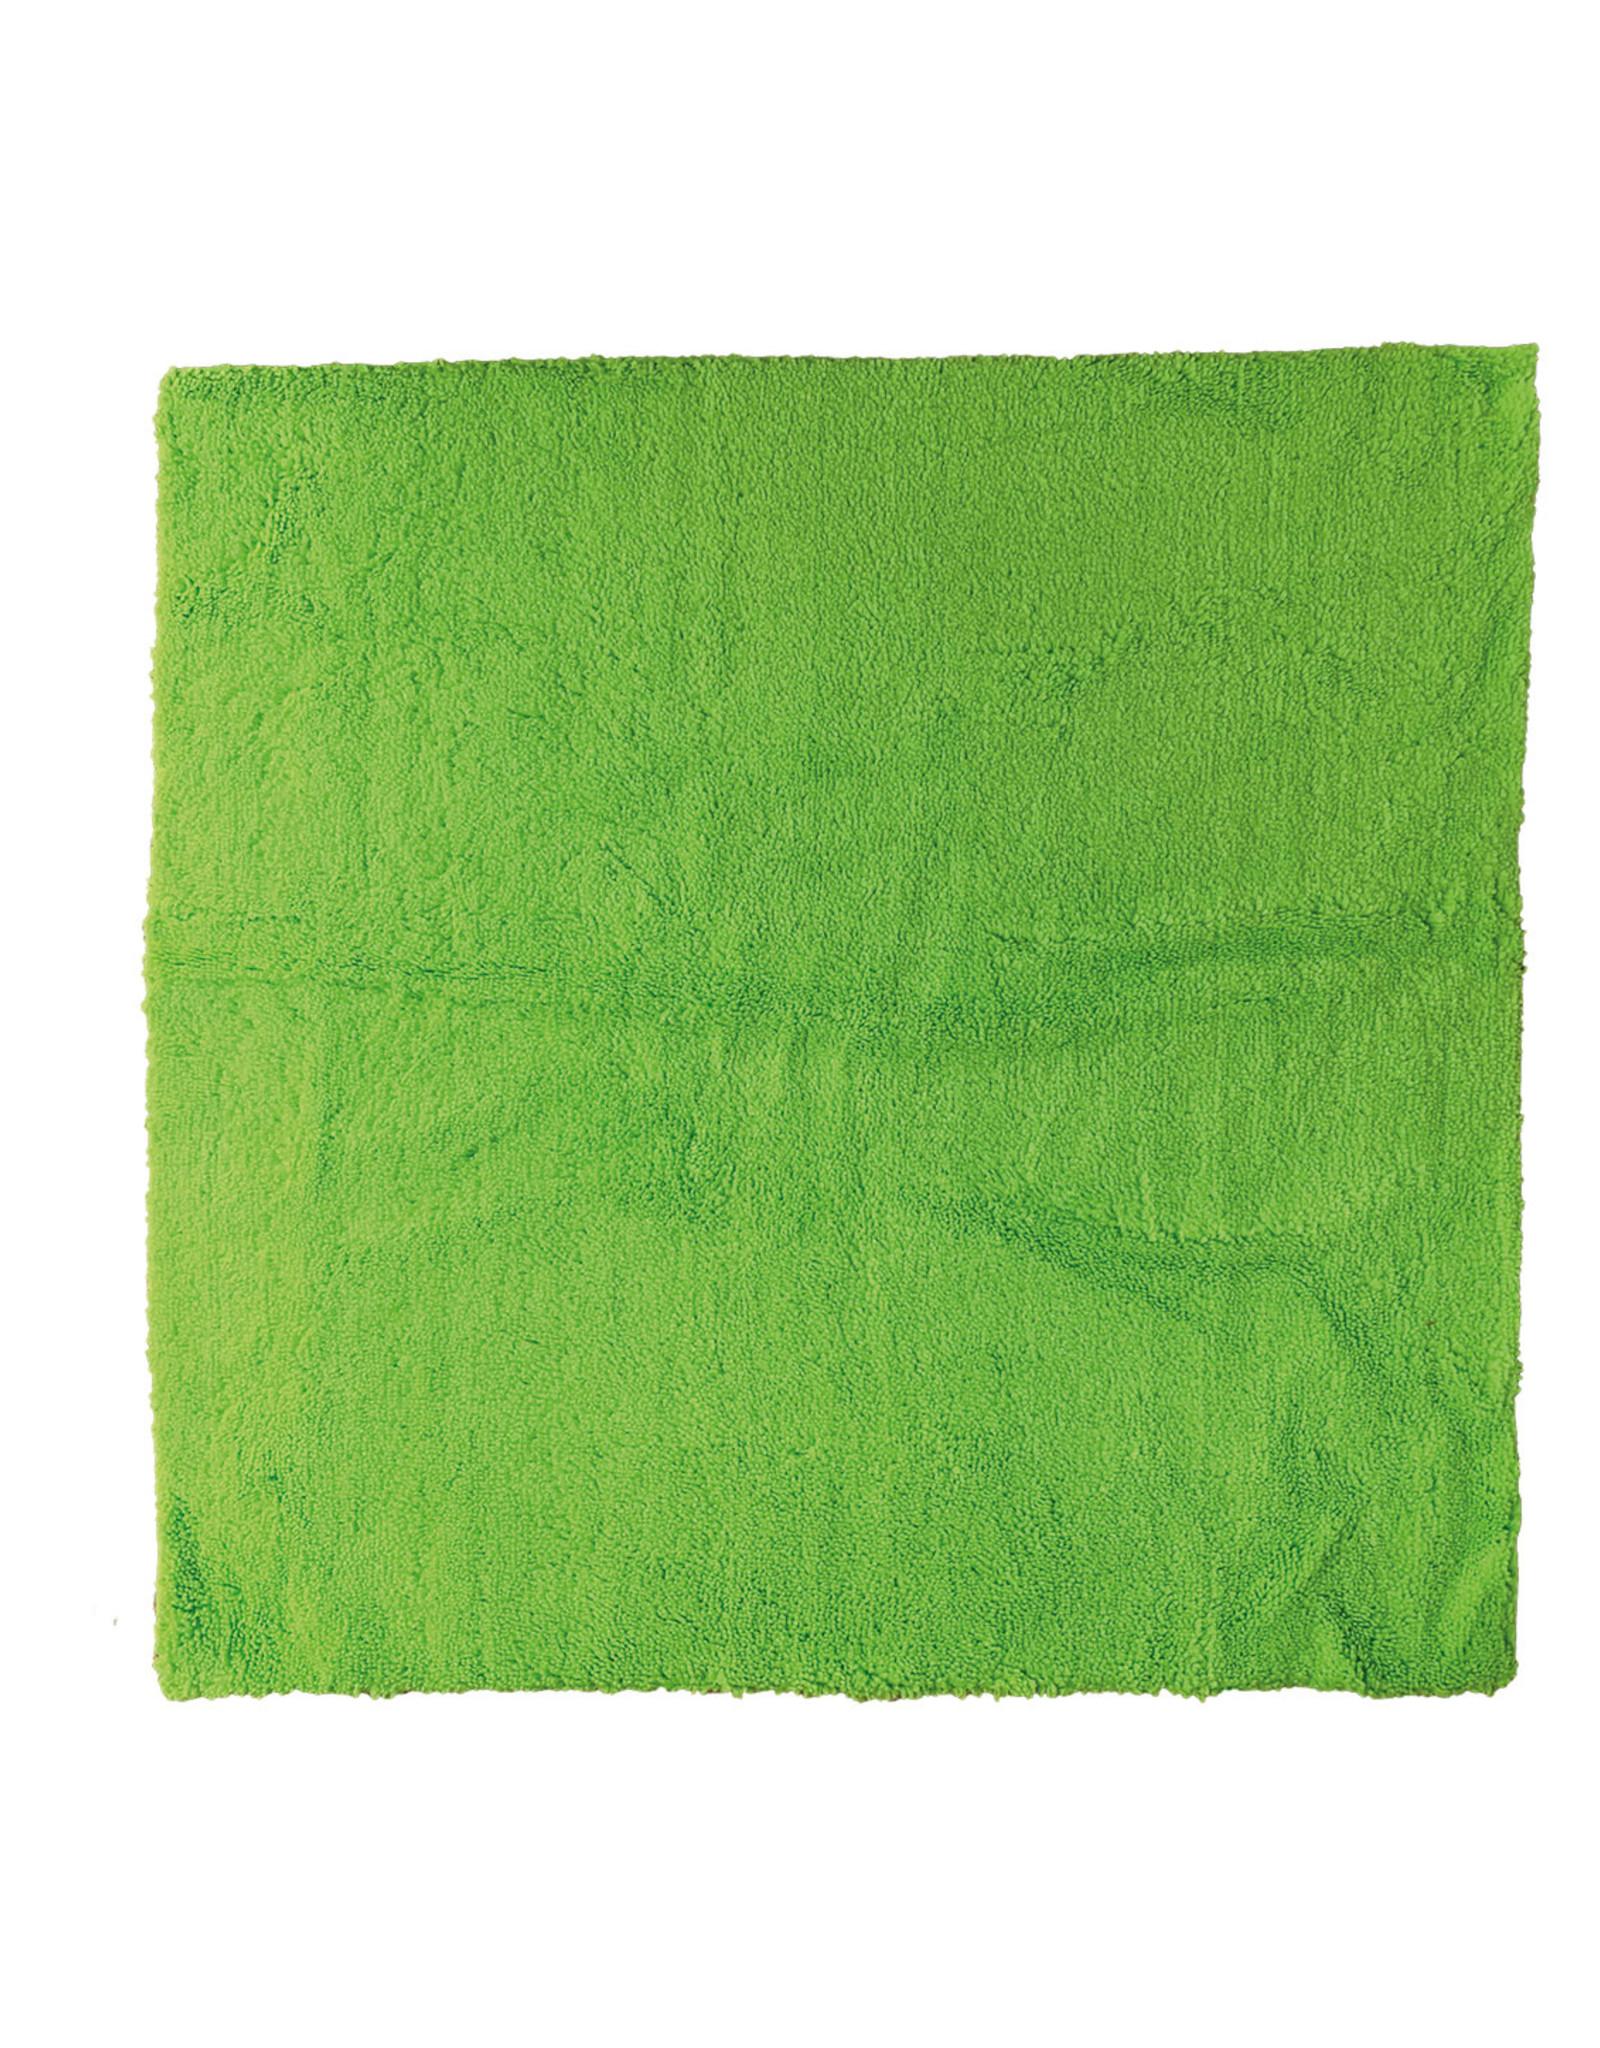 Exostark Profi Poliertuch mit zwei Seiten (ÖkoTex100) 40x40 cm